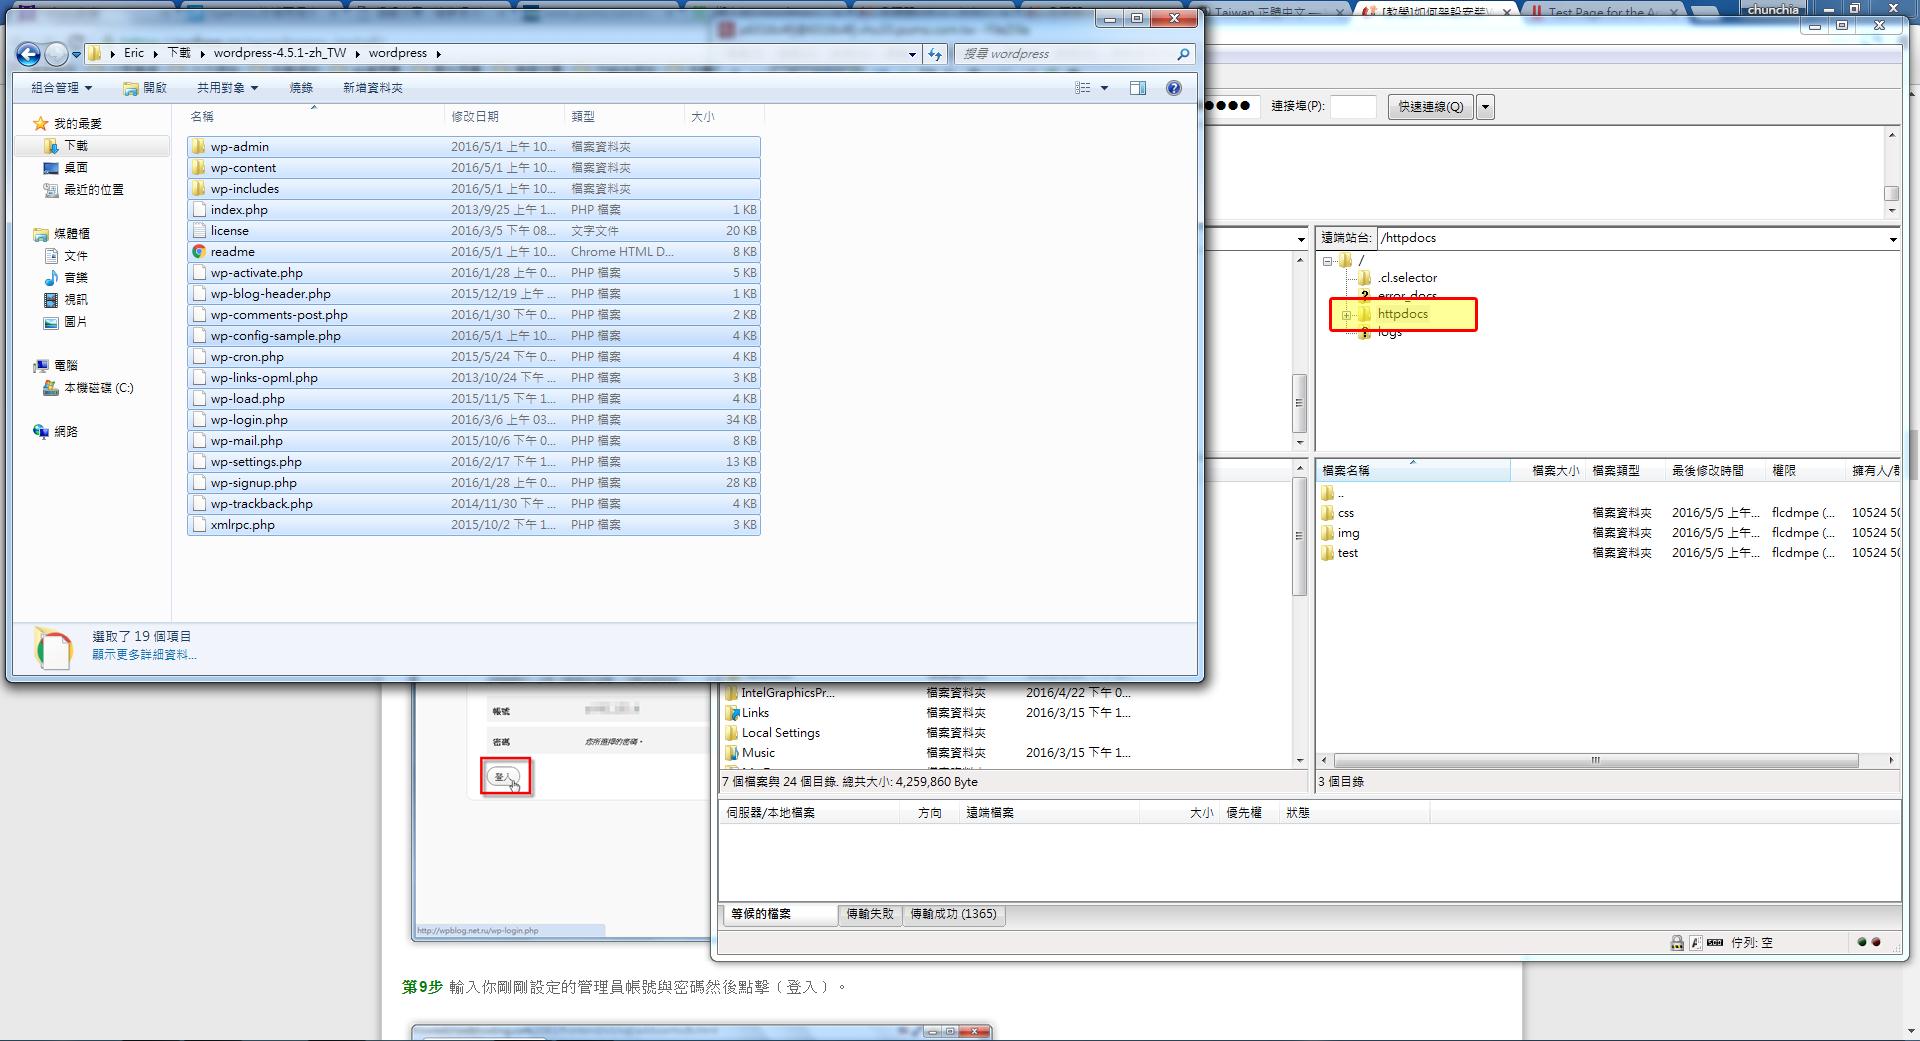 02解壓縮後 檔案FTP上傳httpdocs